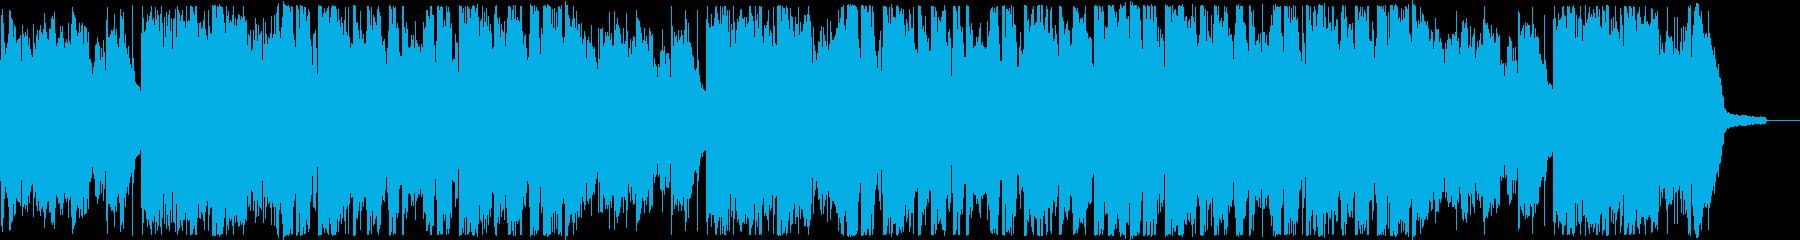 おしゃれで優しいフューチャーポップ・洋楽の再生済みの波形